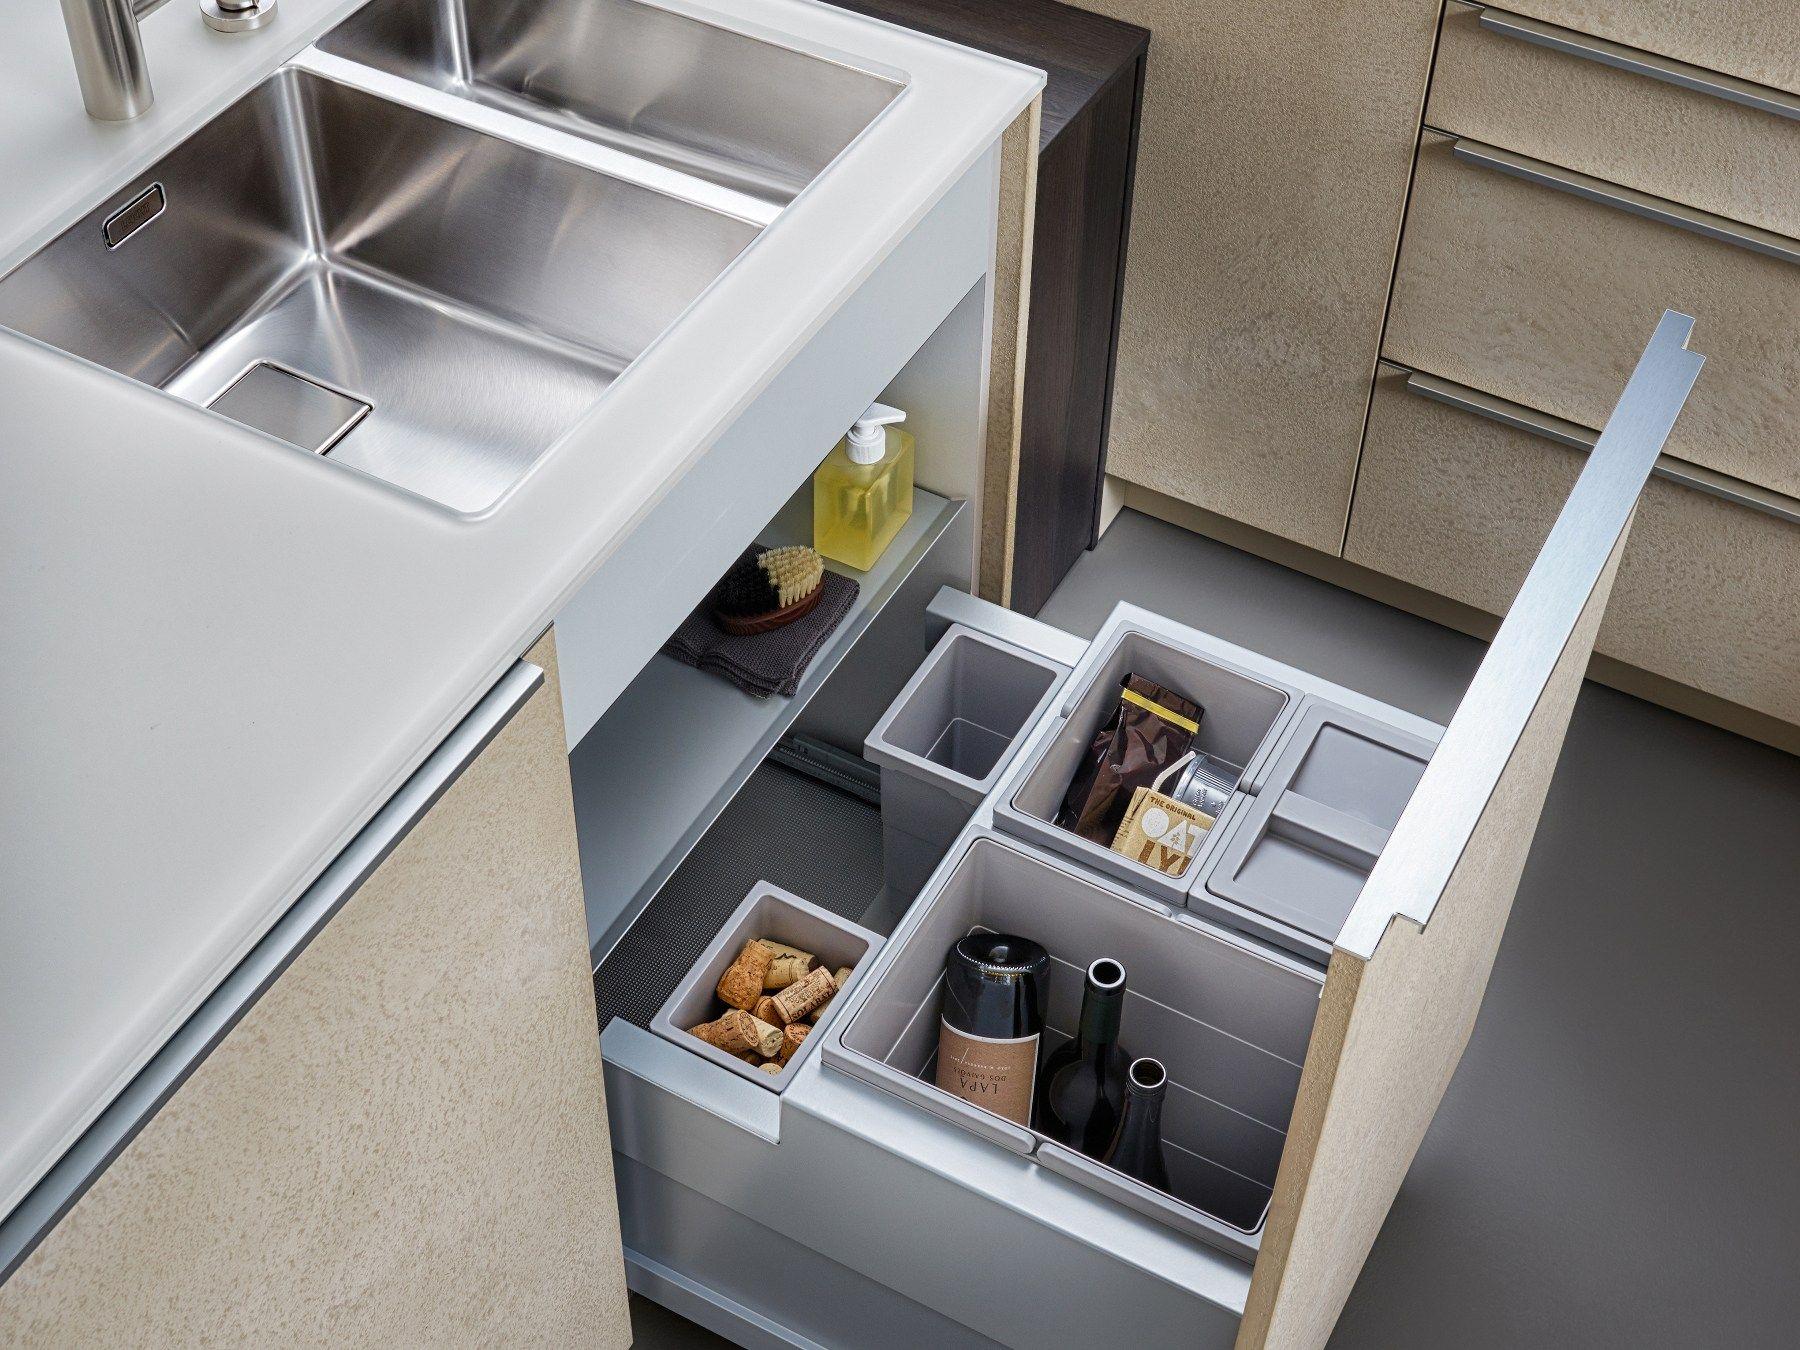 Kitchen with island TOPOS | STONE By LEICHT Küchen | {Leicht küchen logo 79}